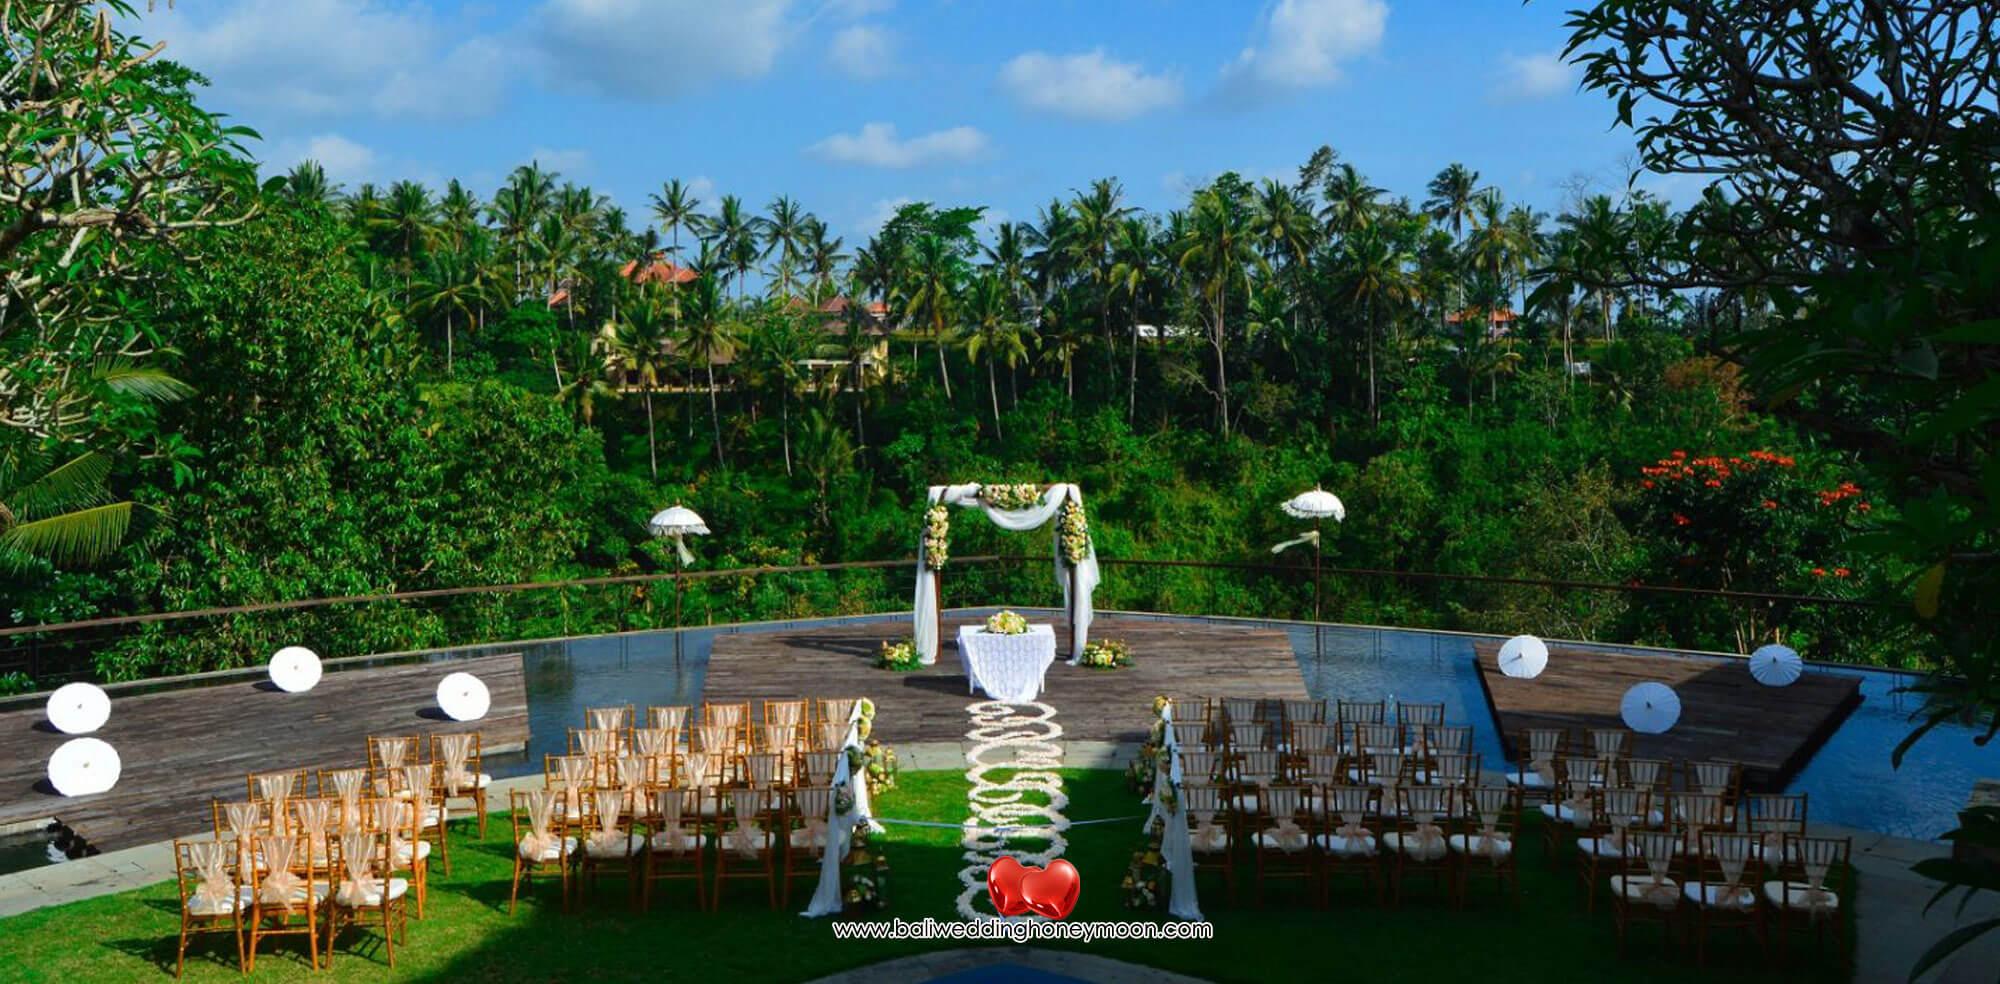 baliweddinghoneymoon-baliweddingplanner-honeymoonplanner-kamandaluubud